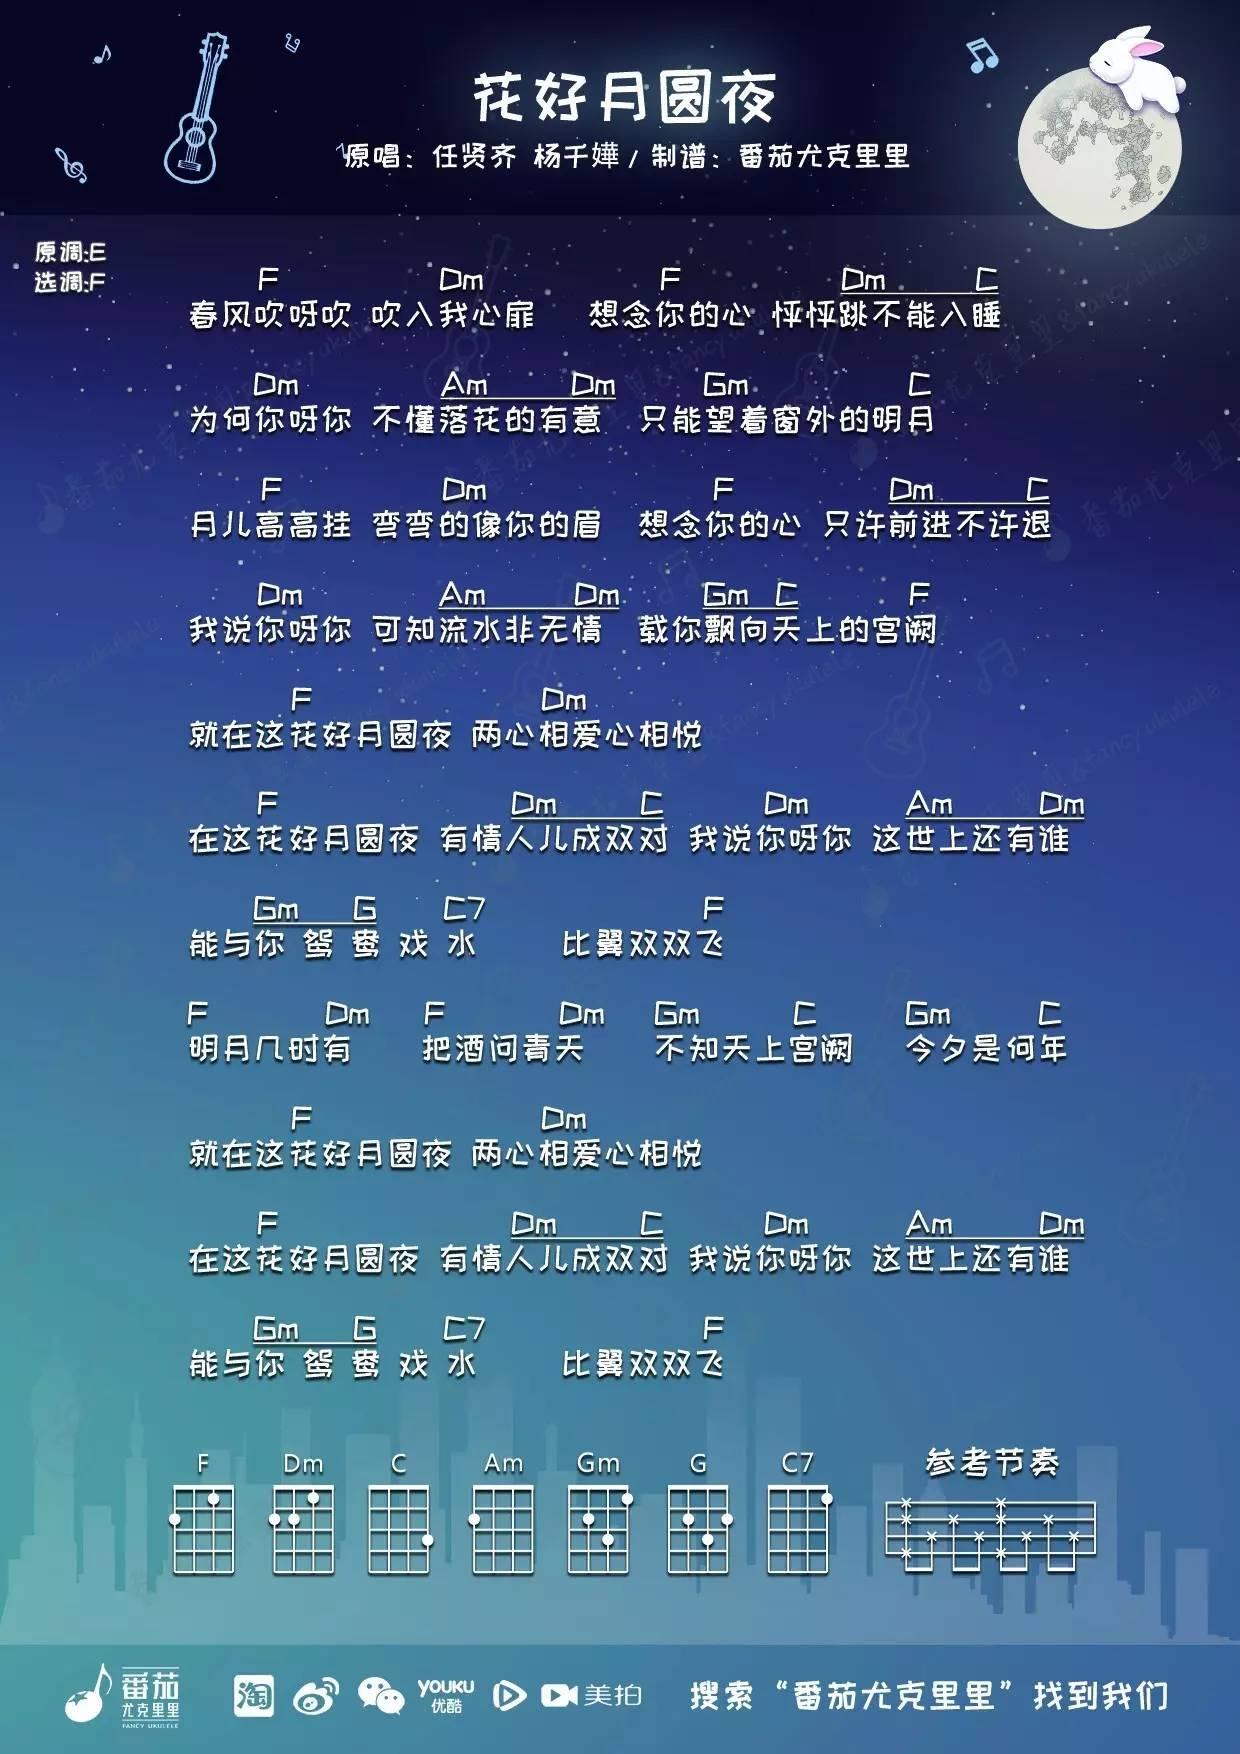 花好月圆夜 - 任贤齐&杨千嬅 尤克里里谱